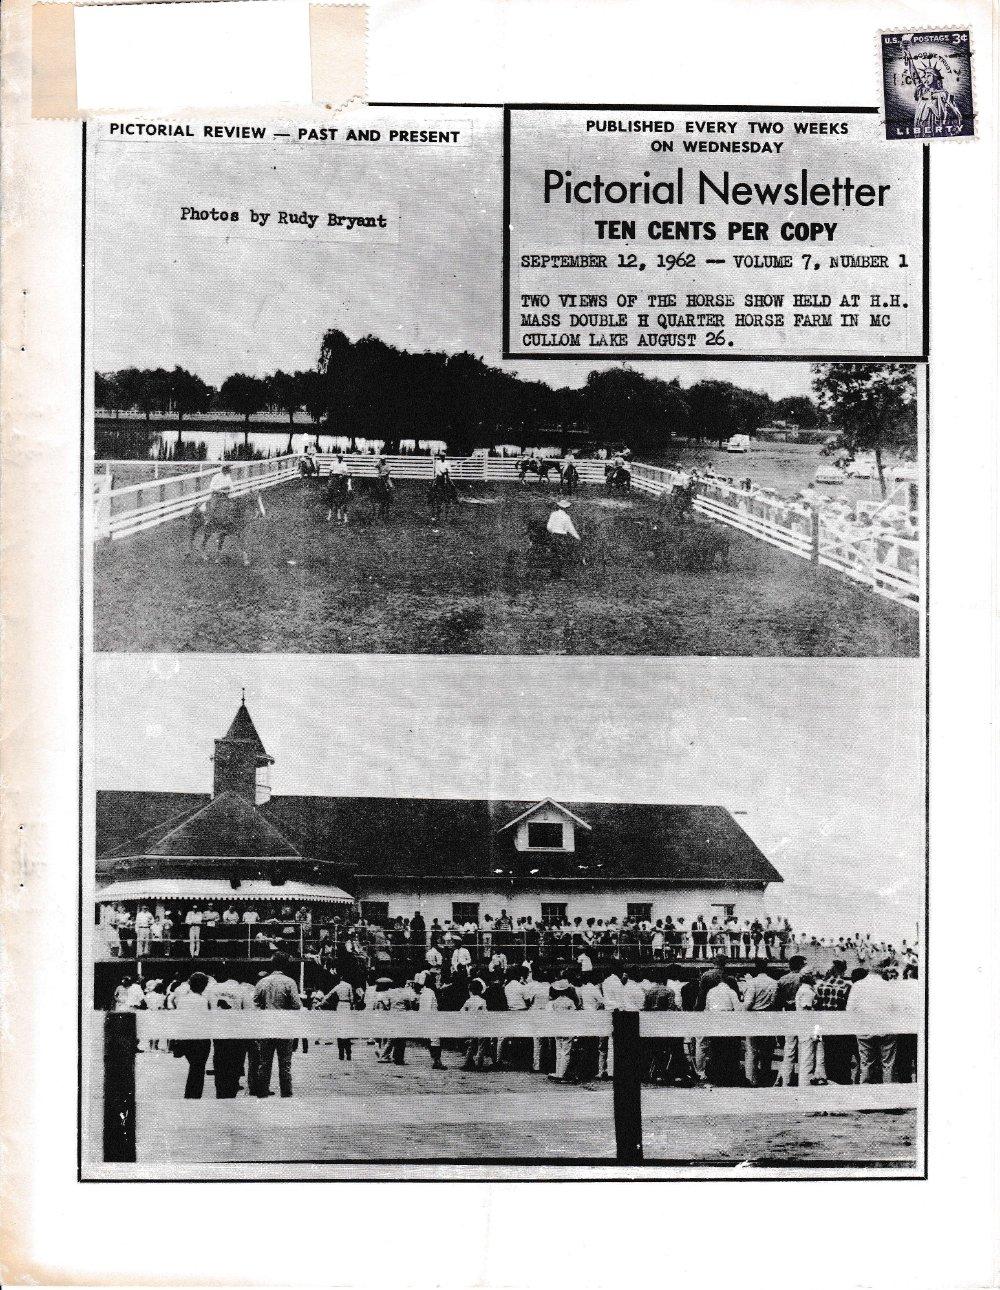 The Pictorial Newsletter - September 12, 1962